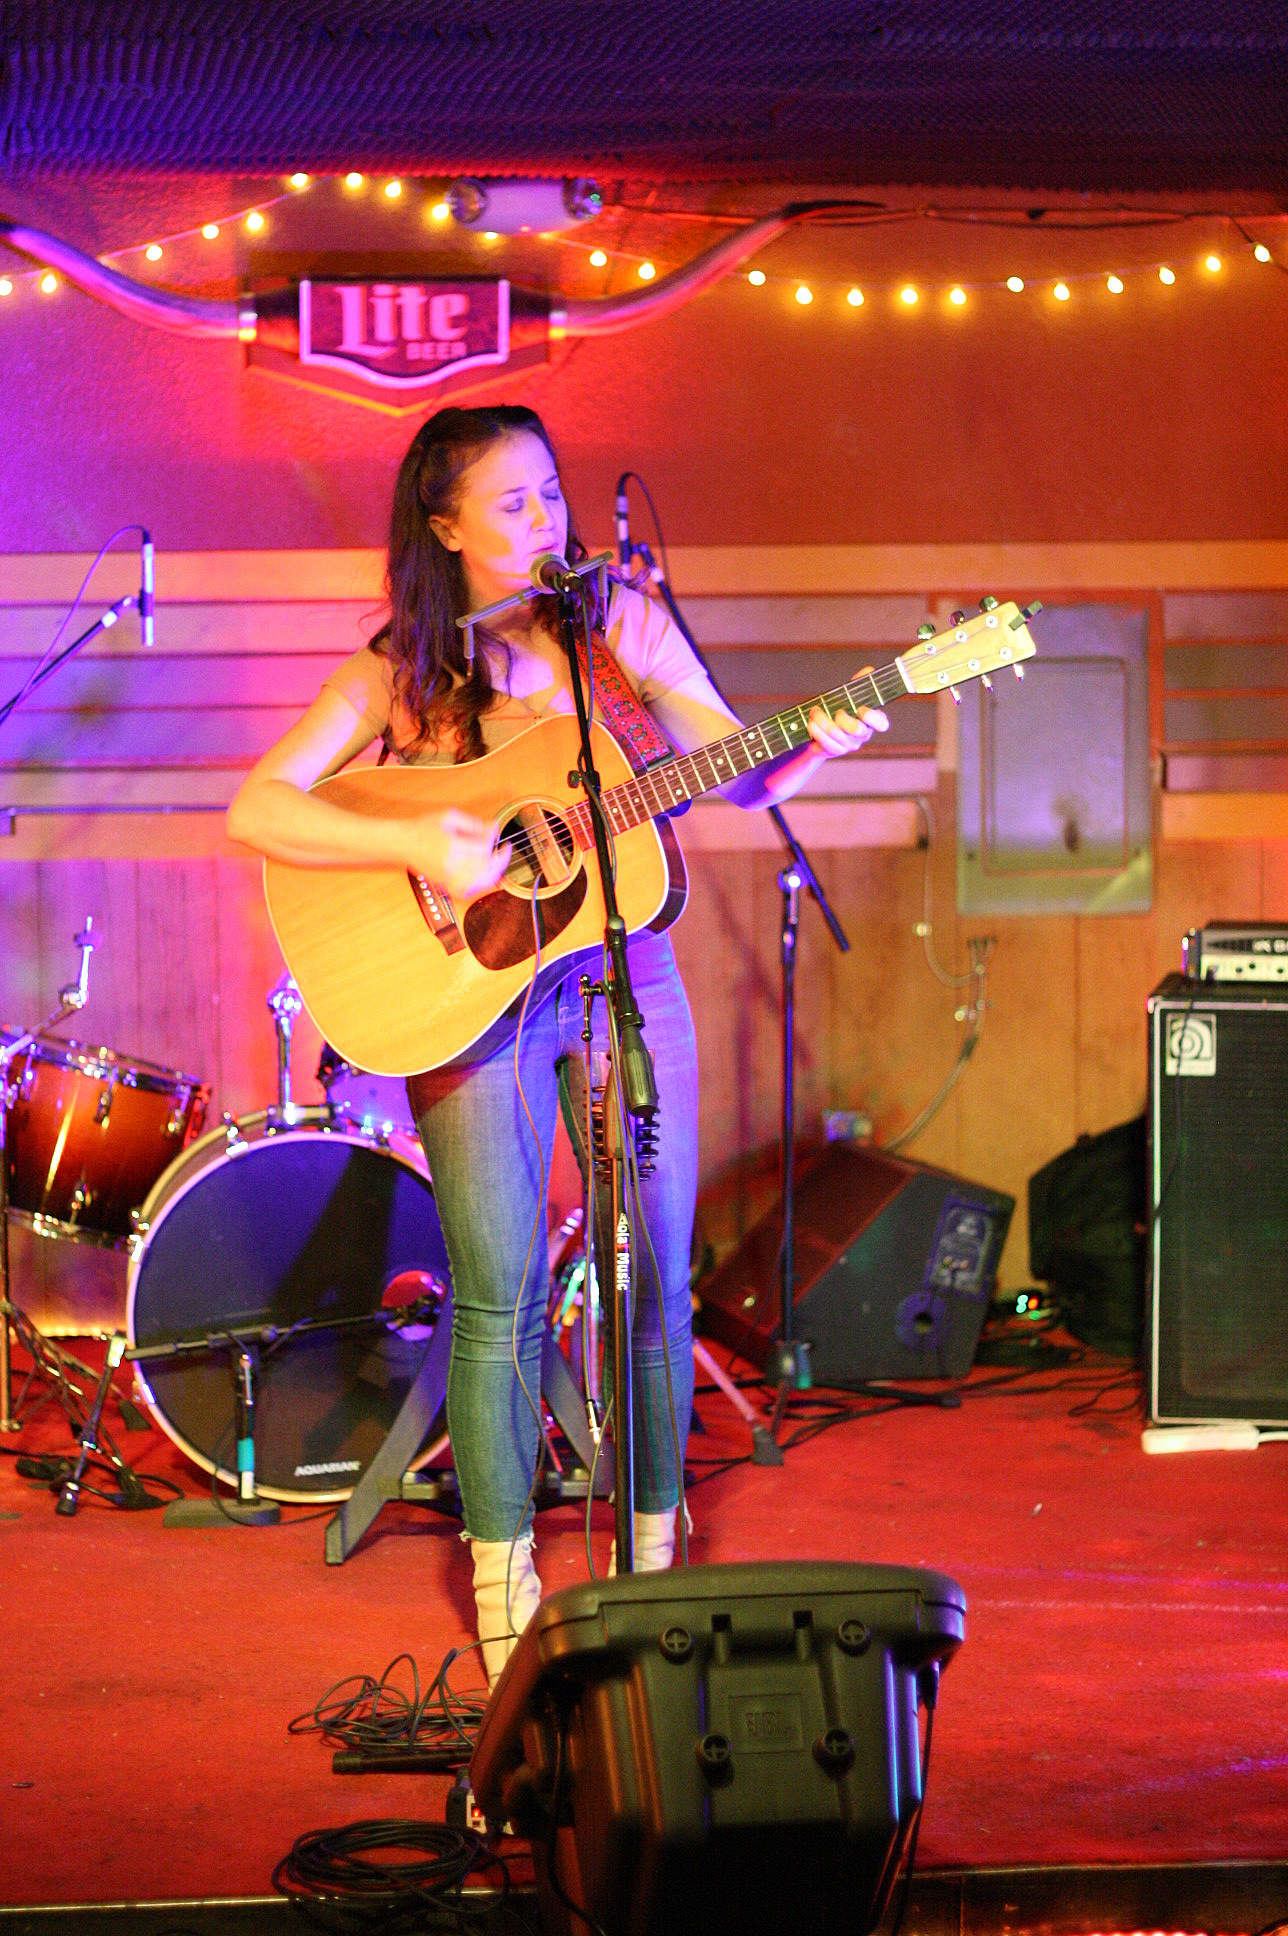 IMG_5619_Singer2.jpg